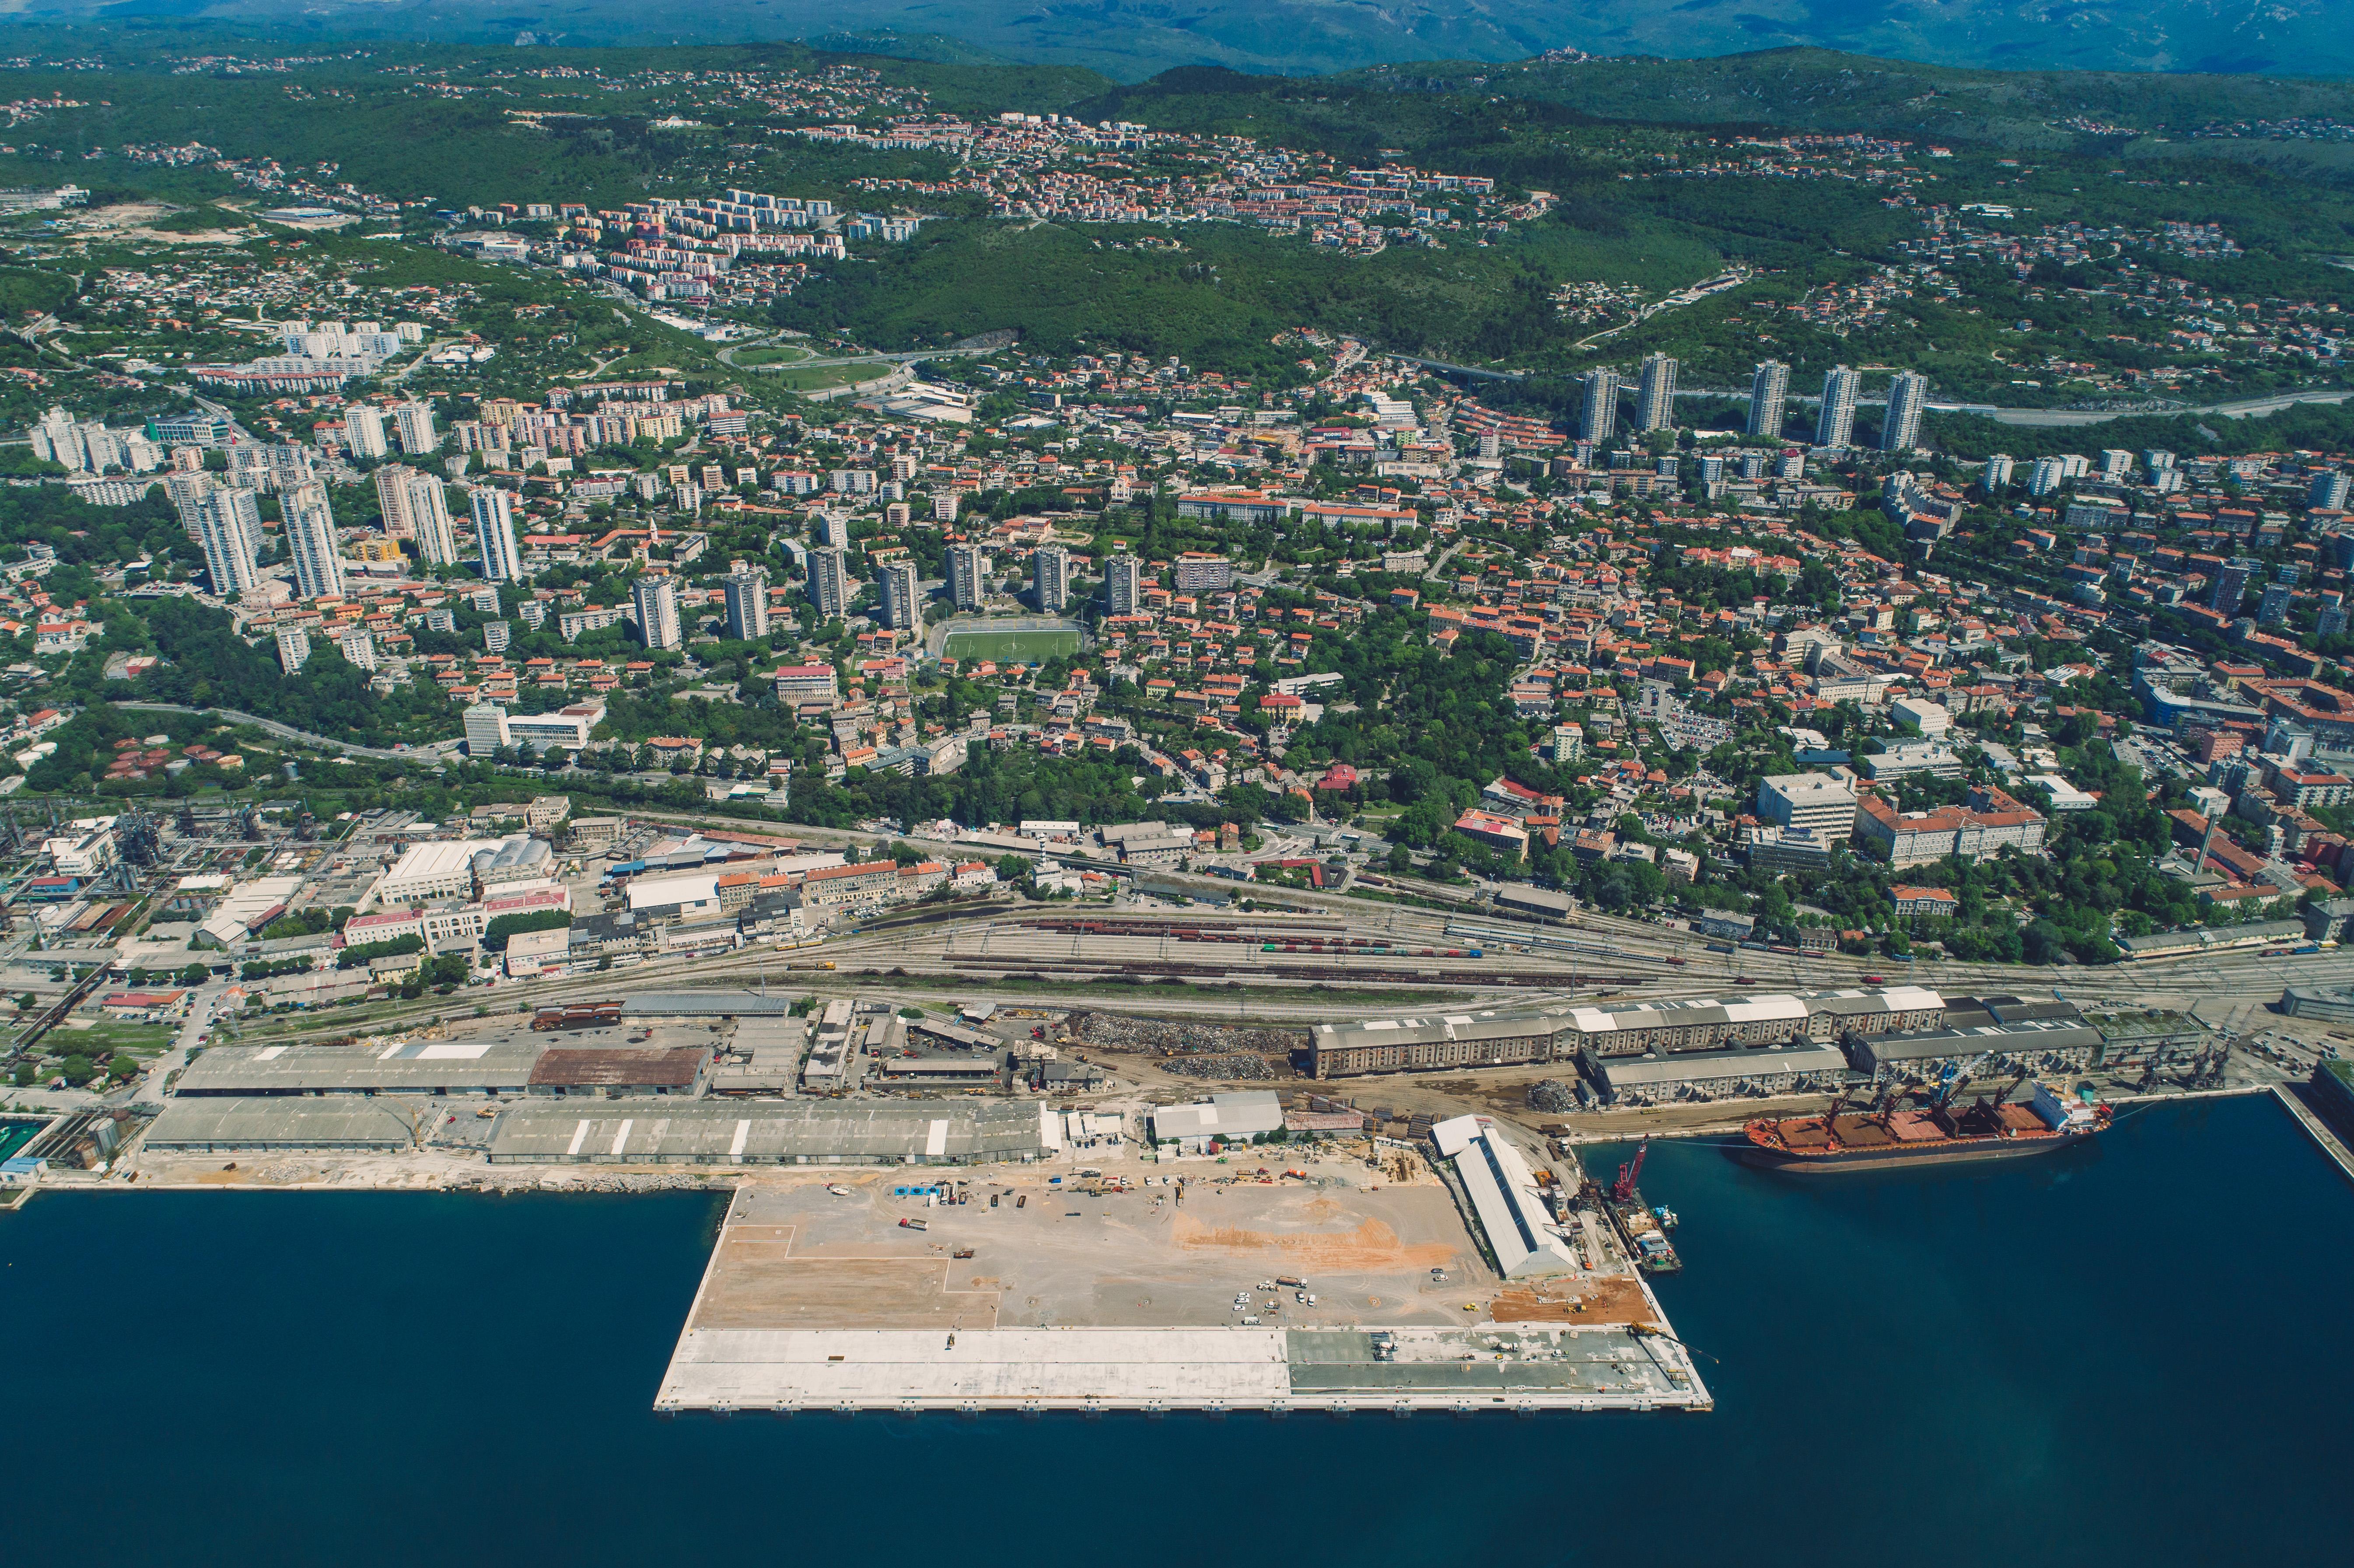 Završetak radova na izgradnji Zagreb Deep Sea kontejnerskog terminala - 2019. godina